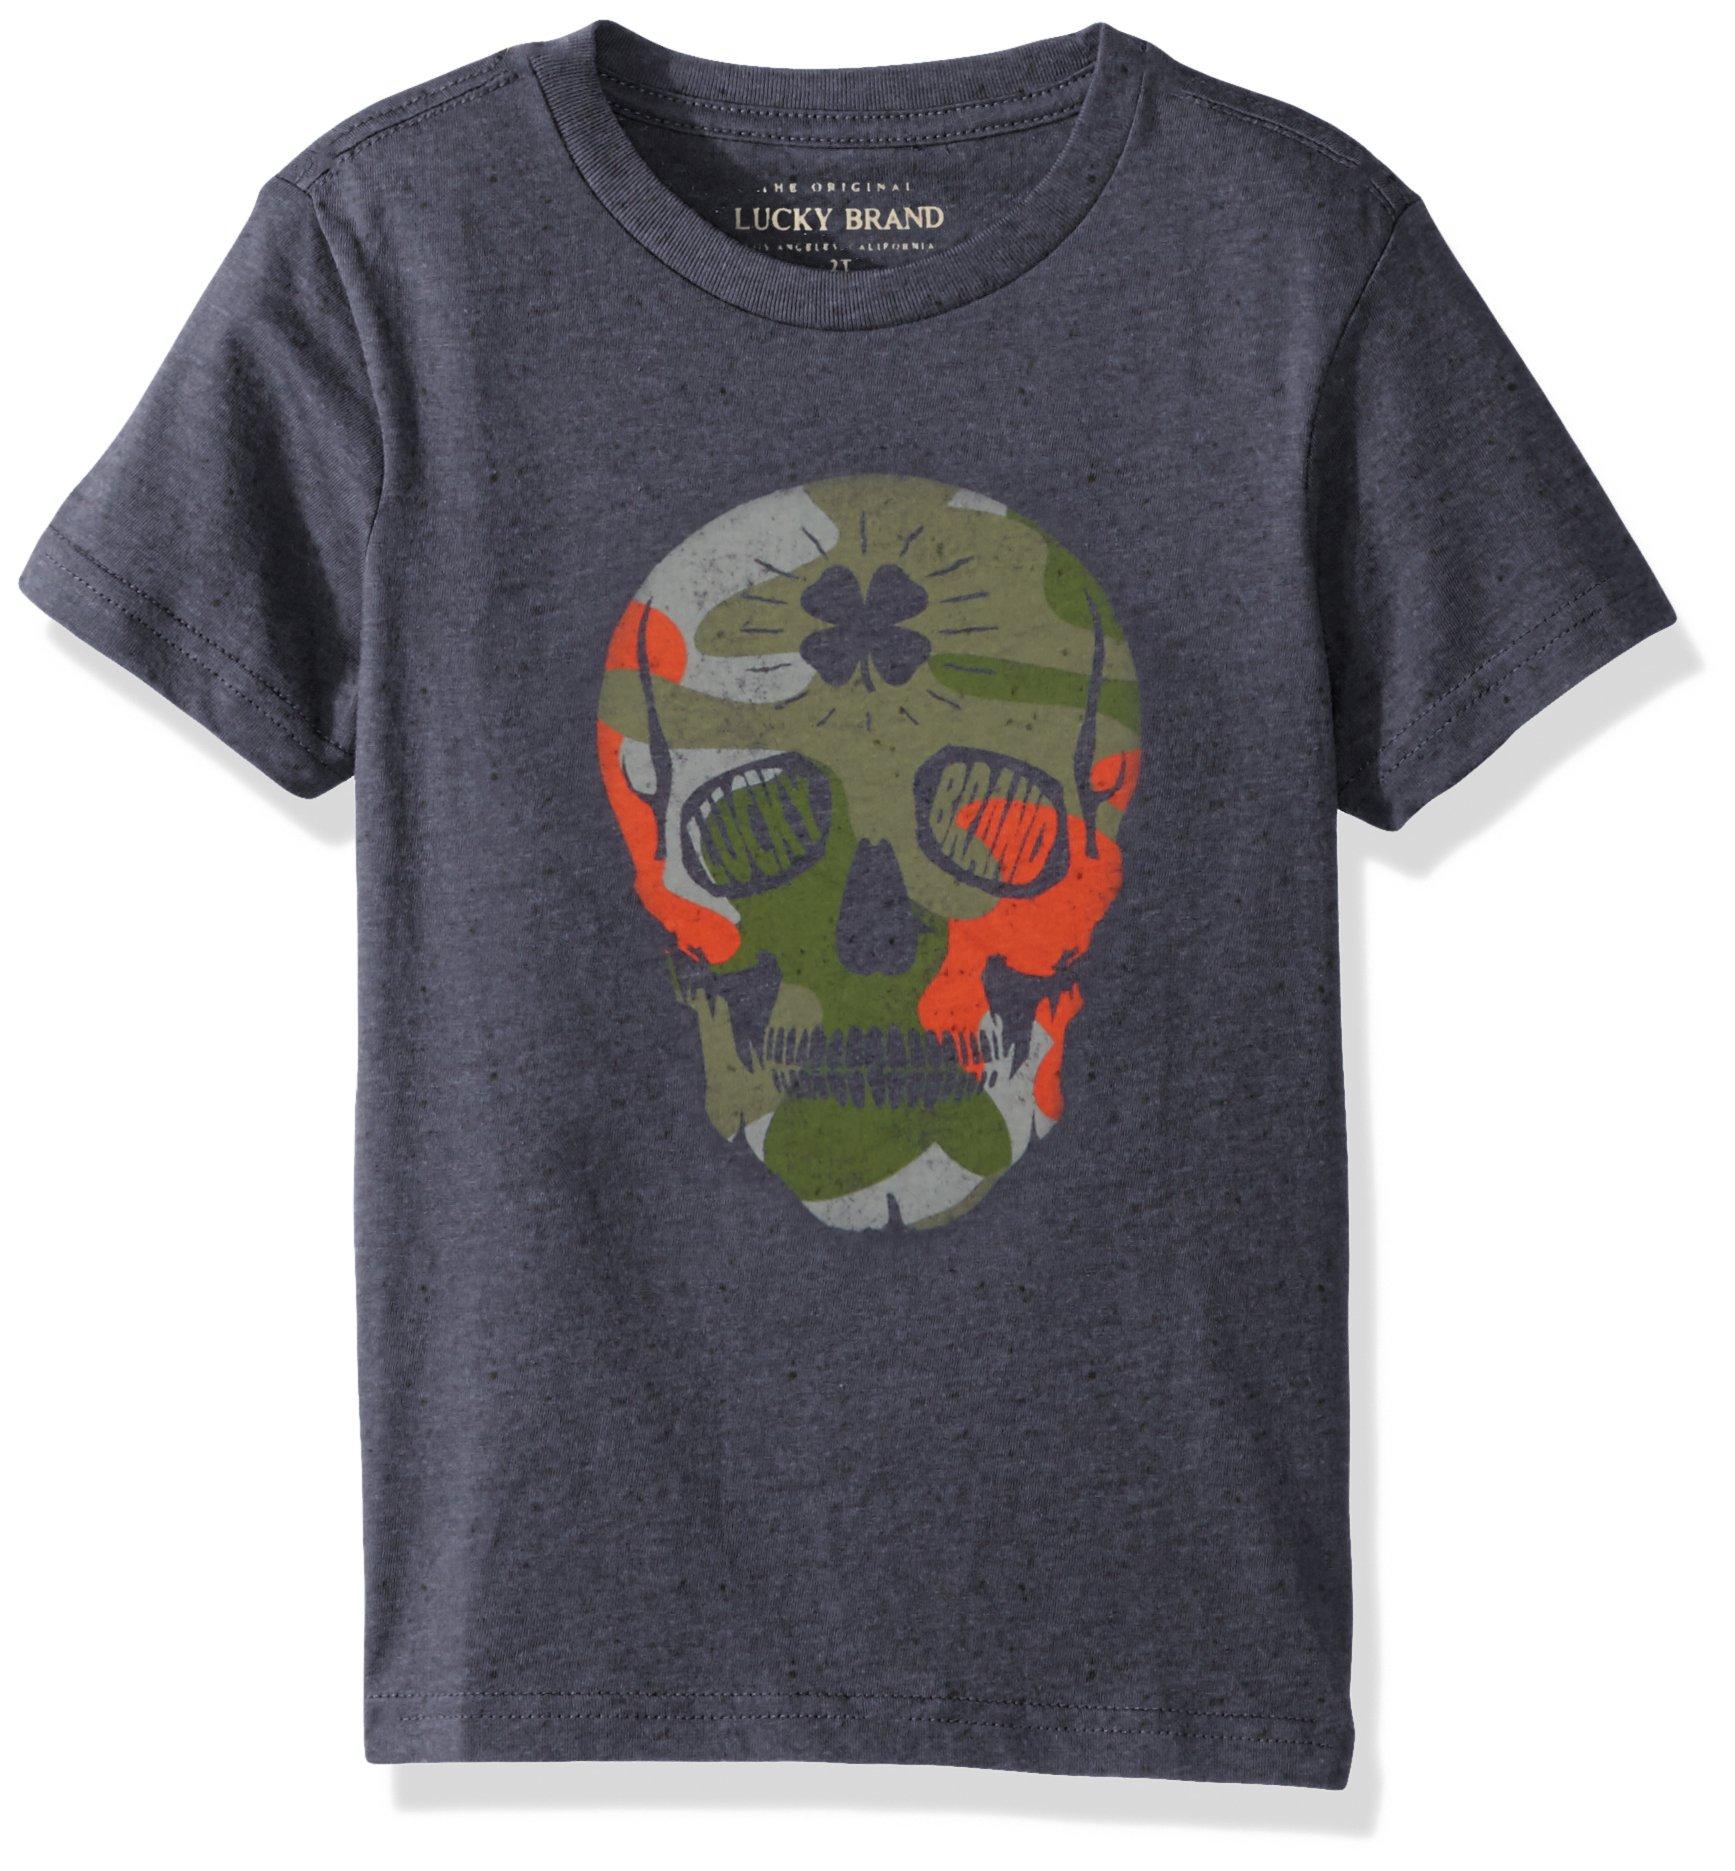 Lucky Brand Little Boys' Short Sleeve Graphic Tee Shirt, Peacoat Skull, 6